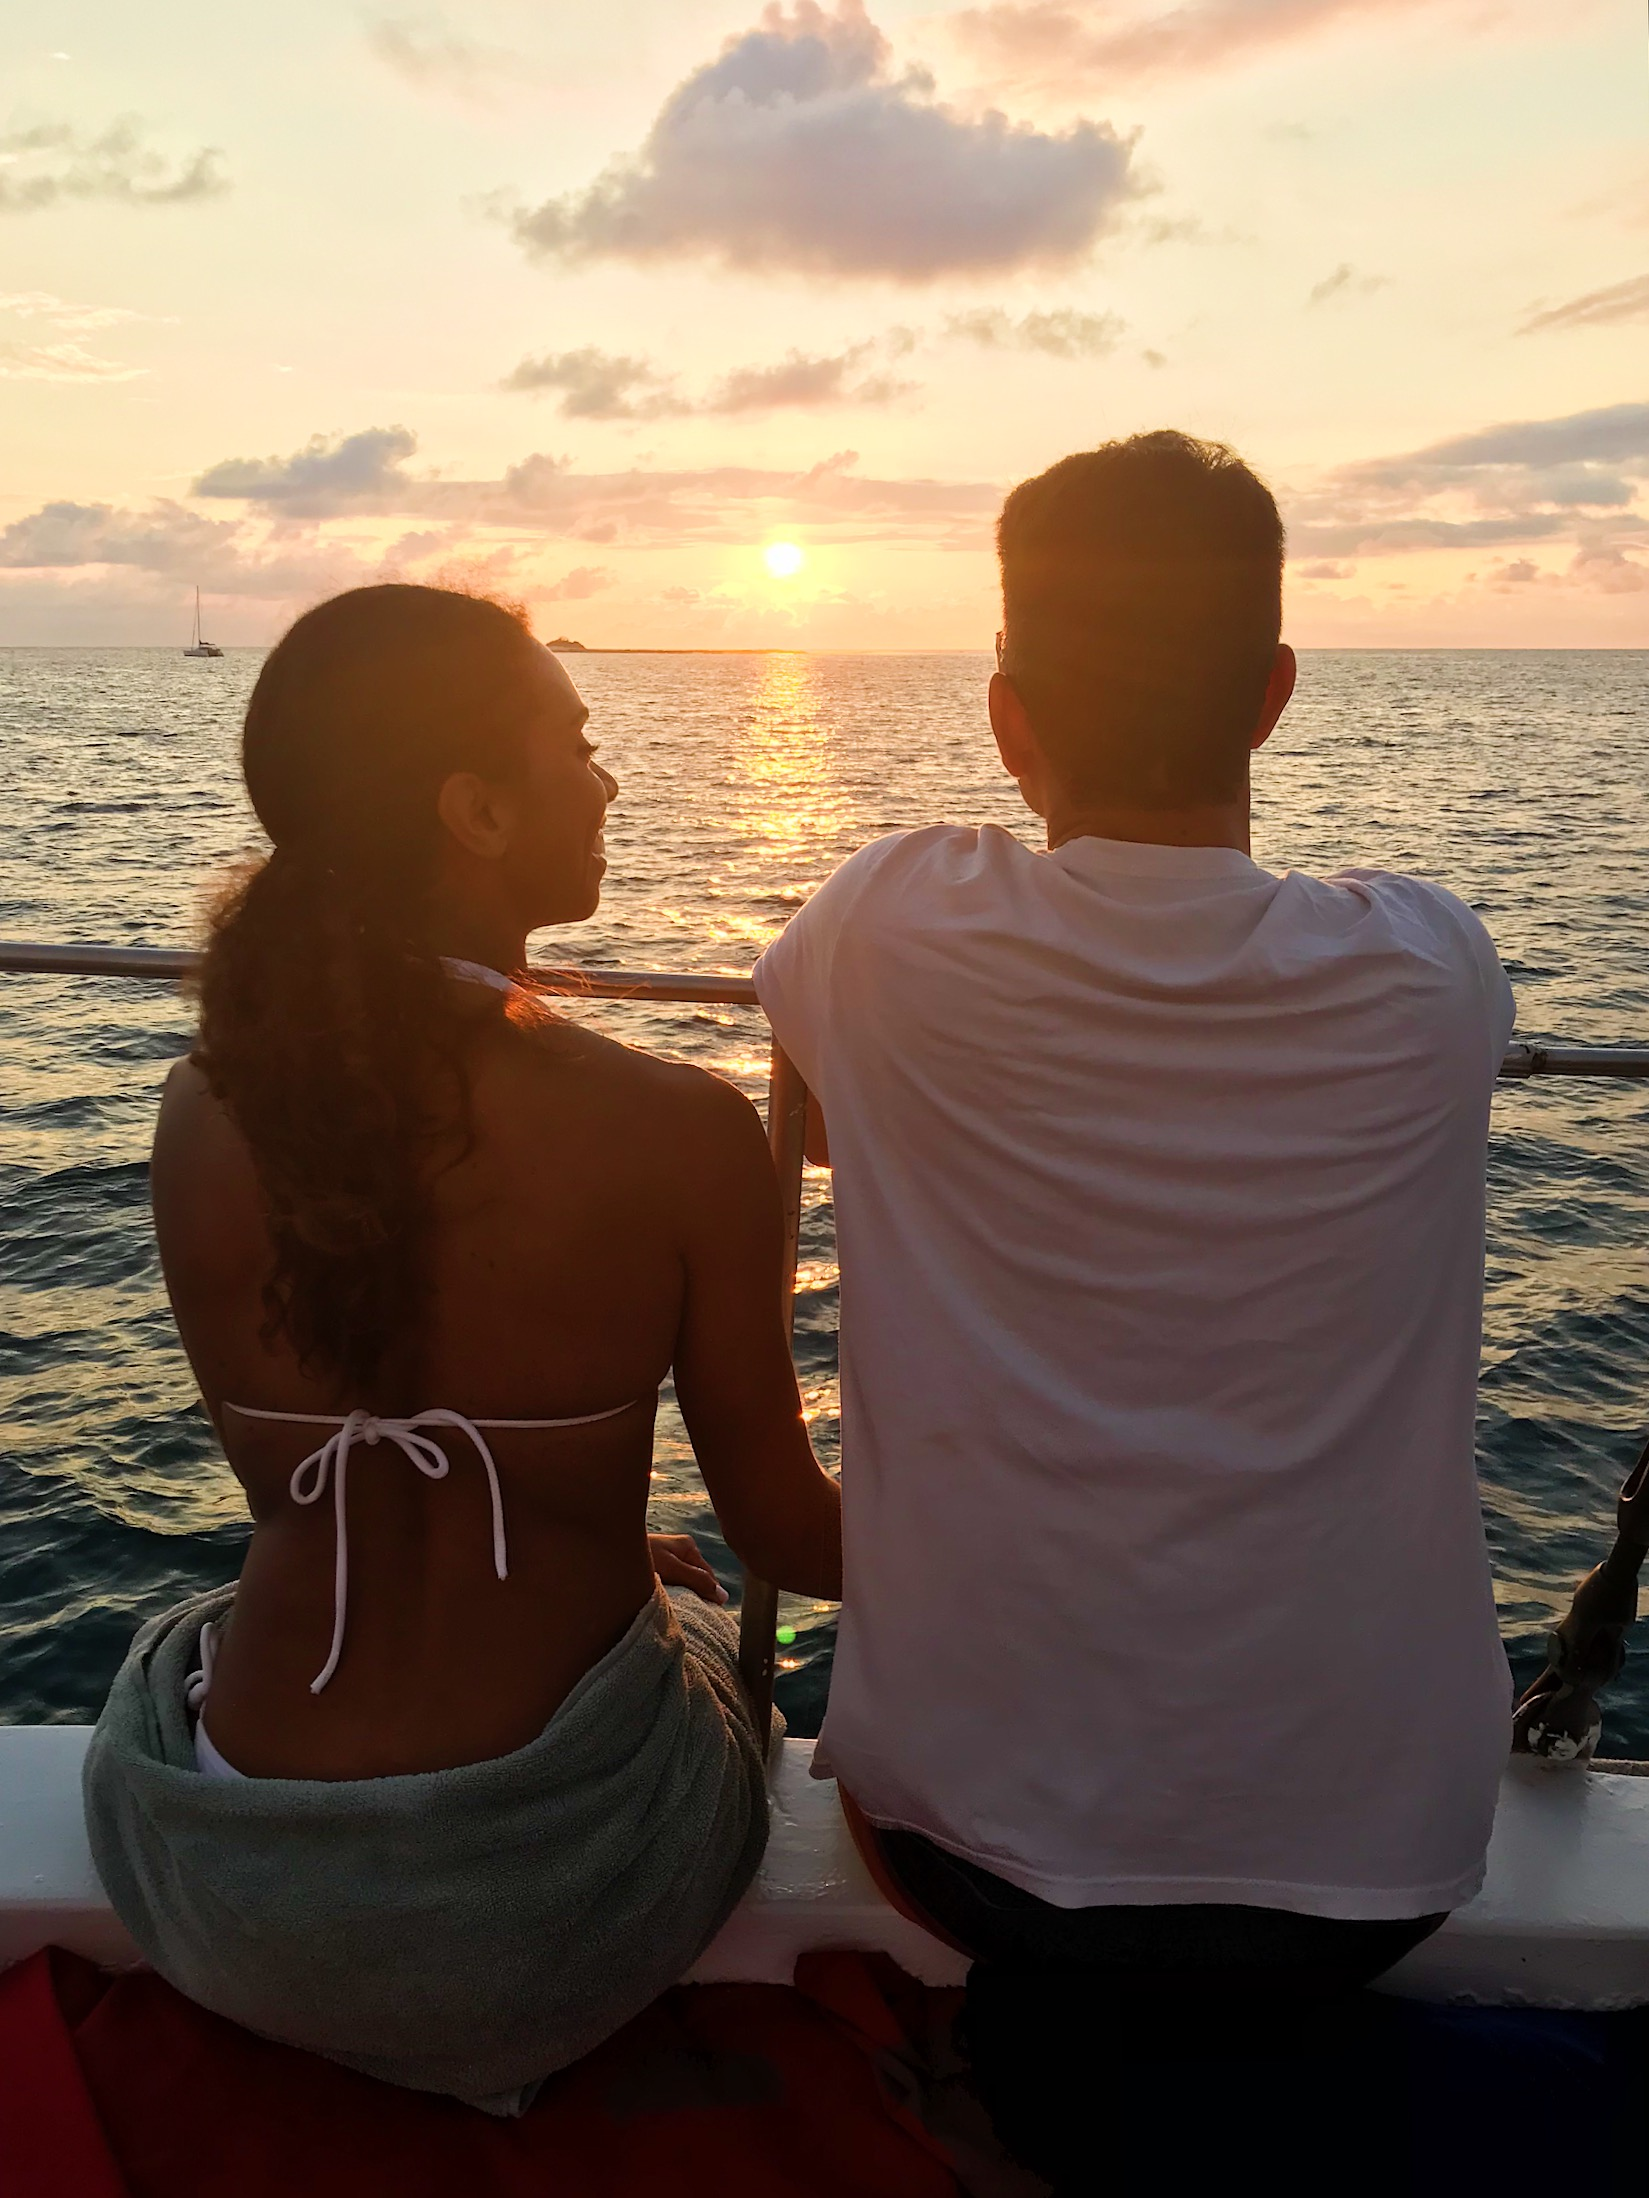 sunset cruise costa rica.JPG